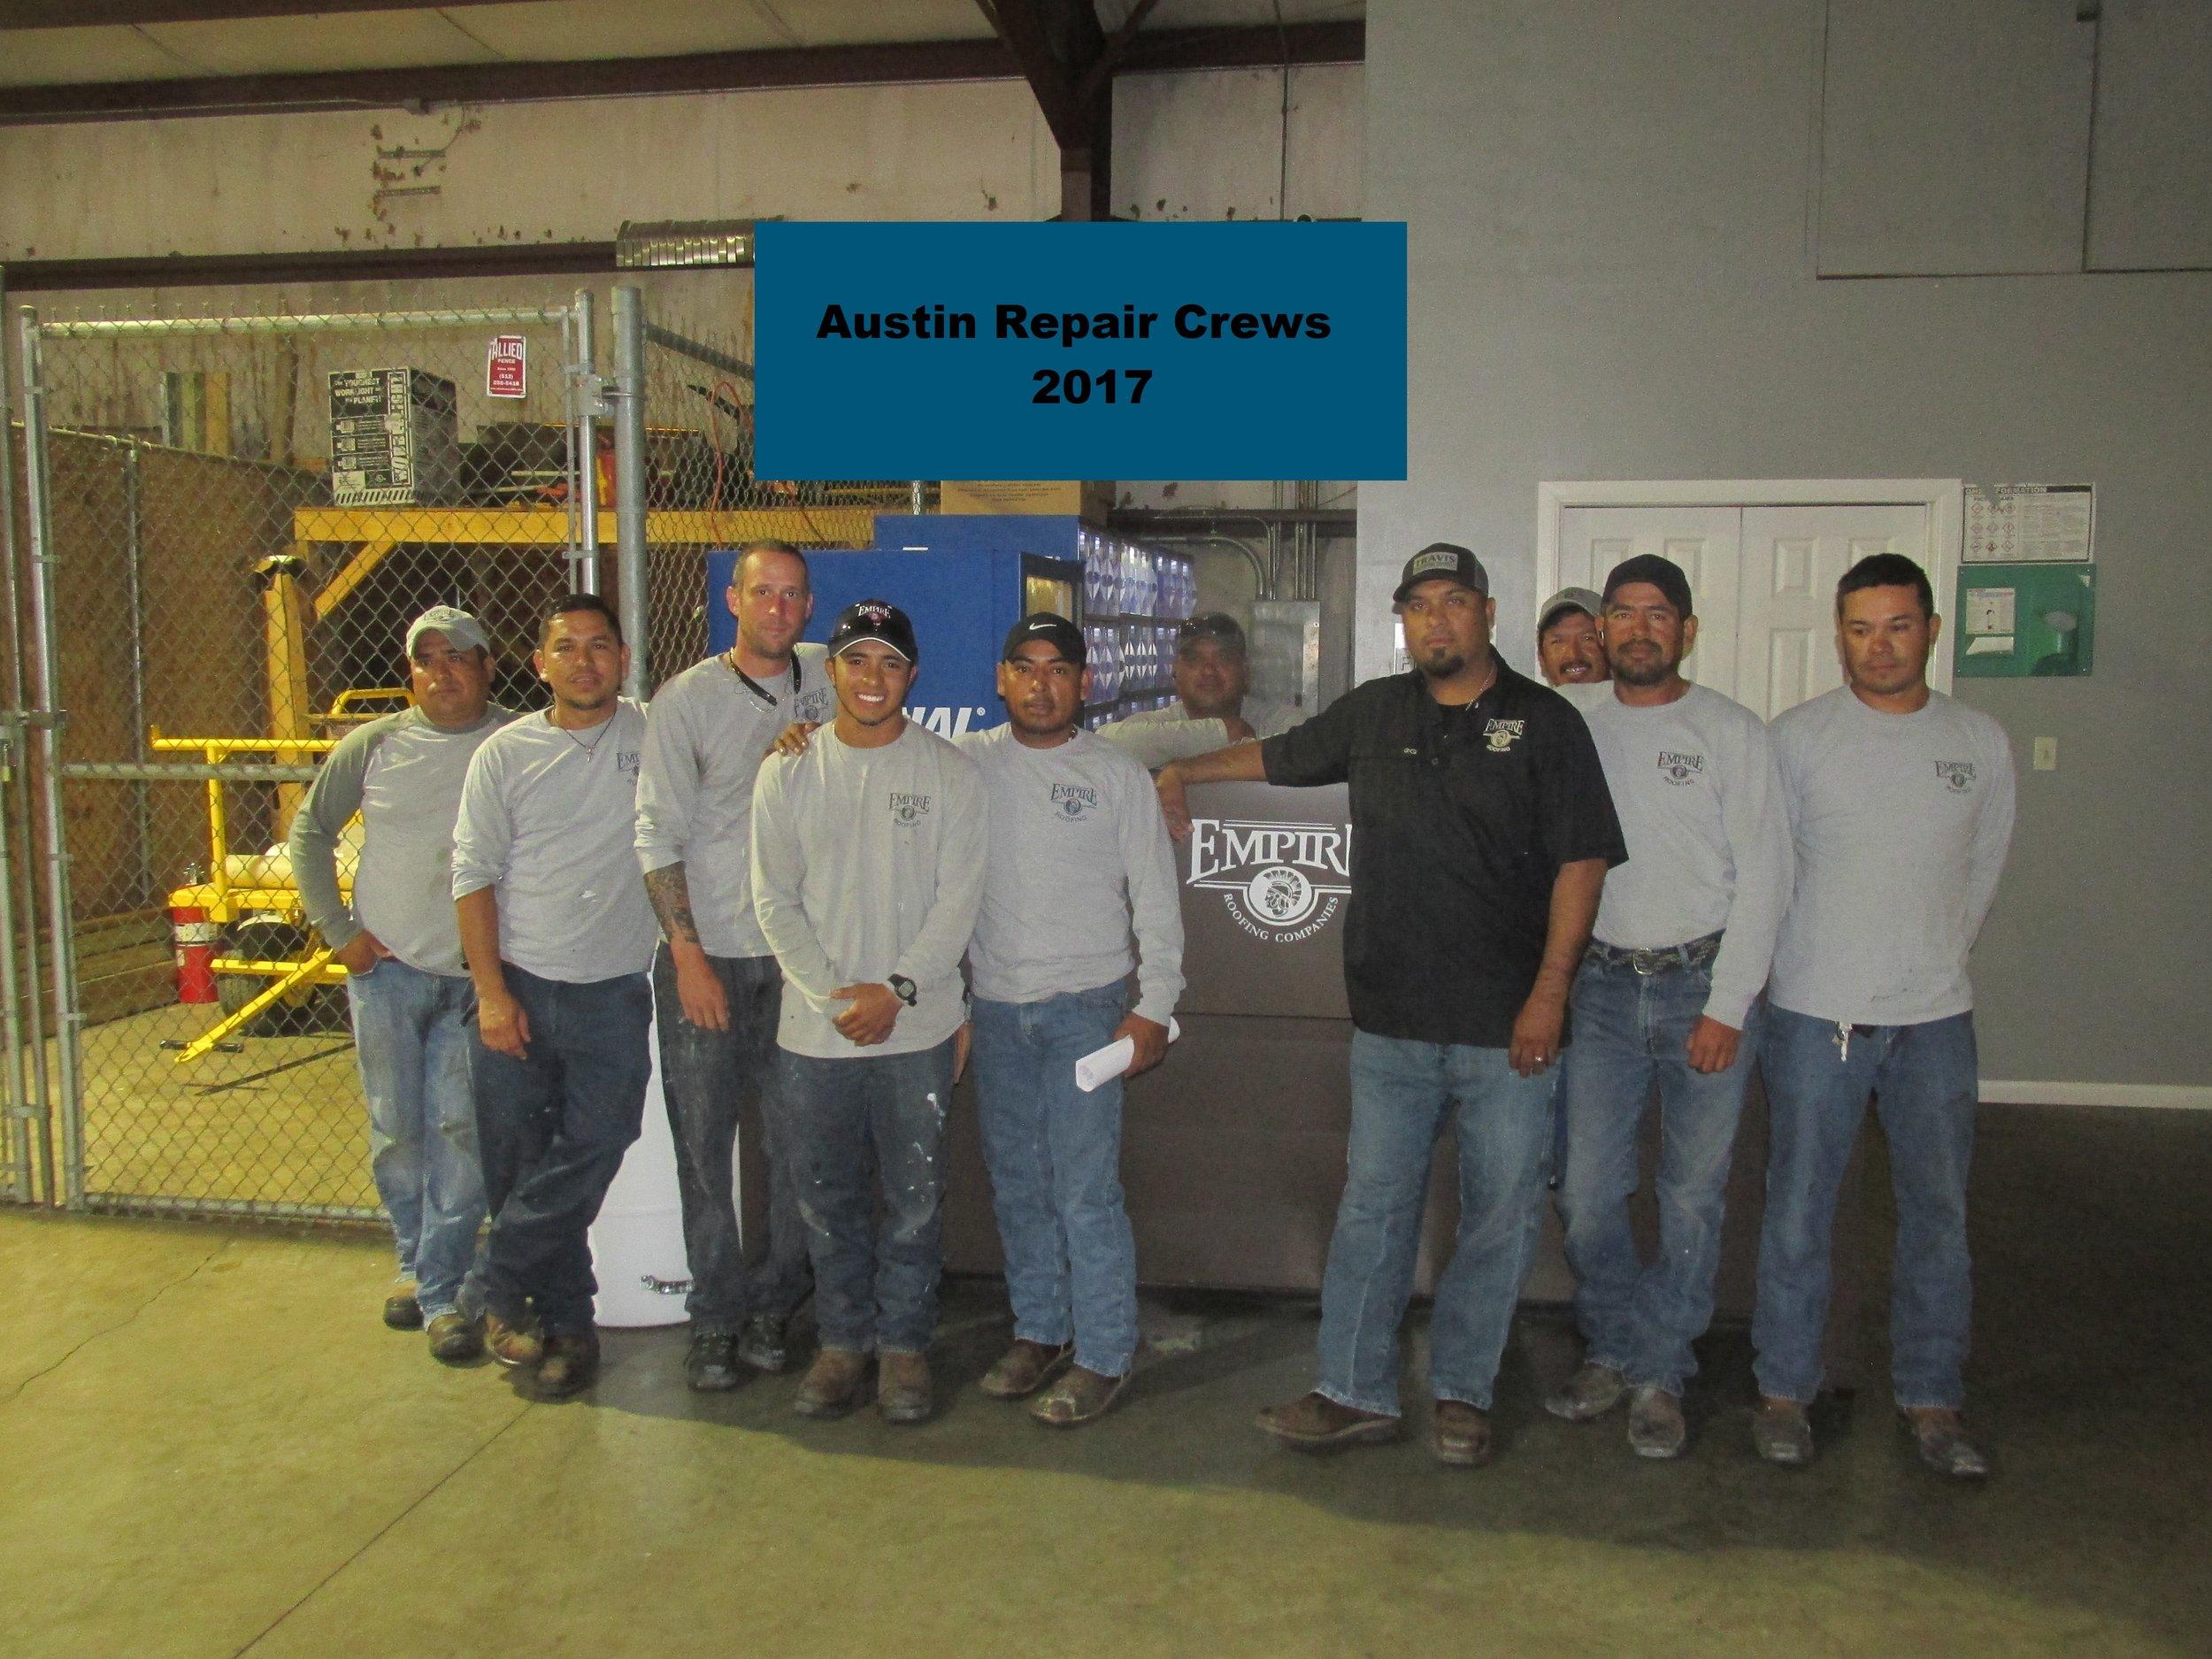 Austin Repair Crews 2017